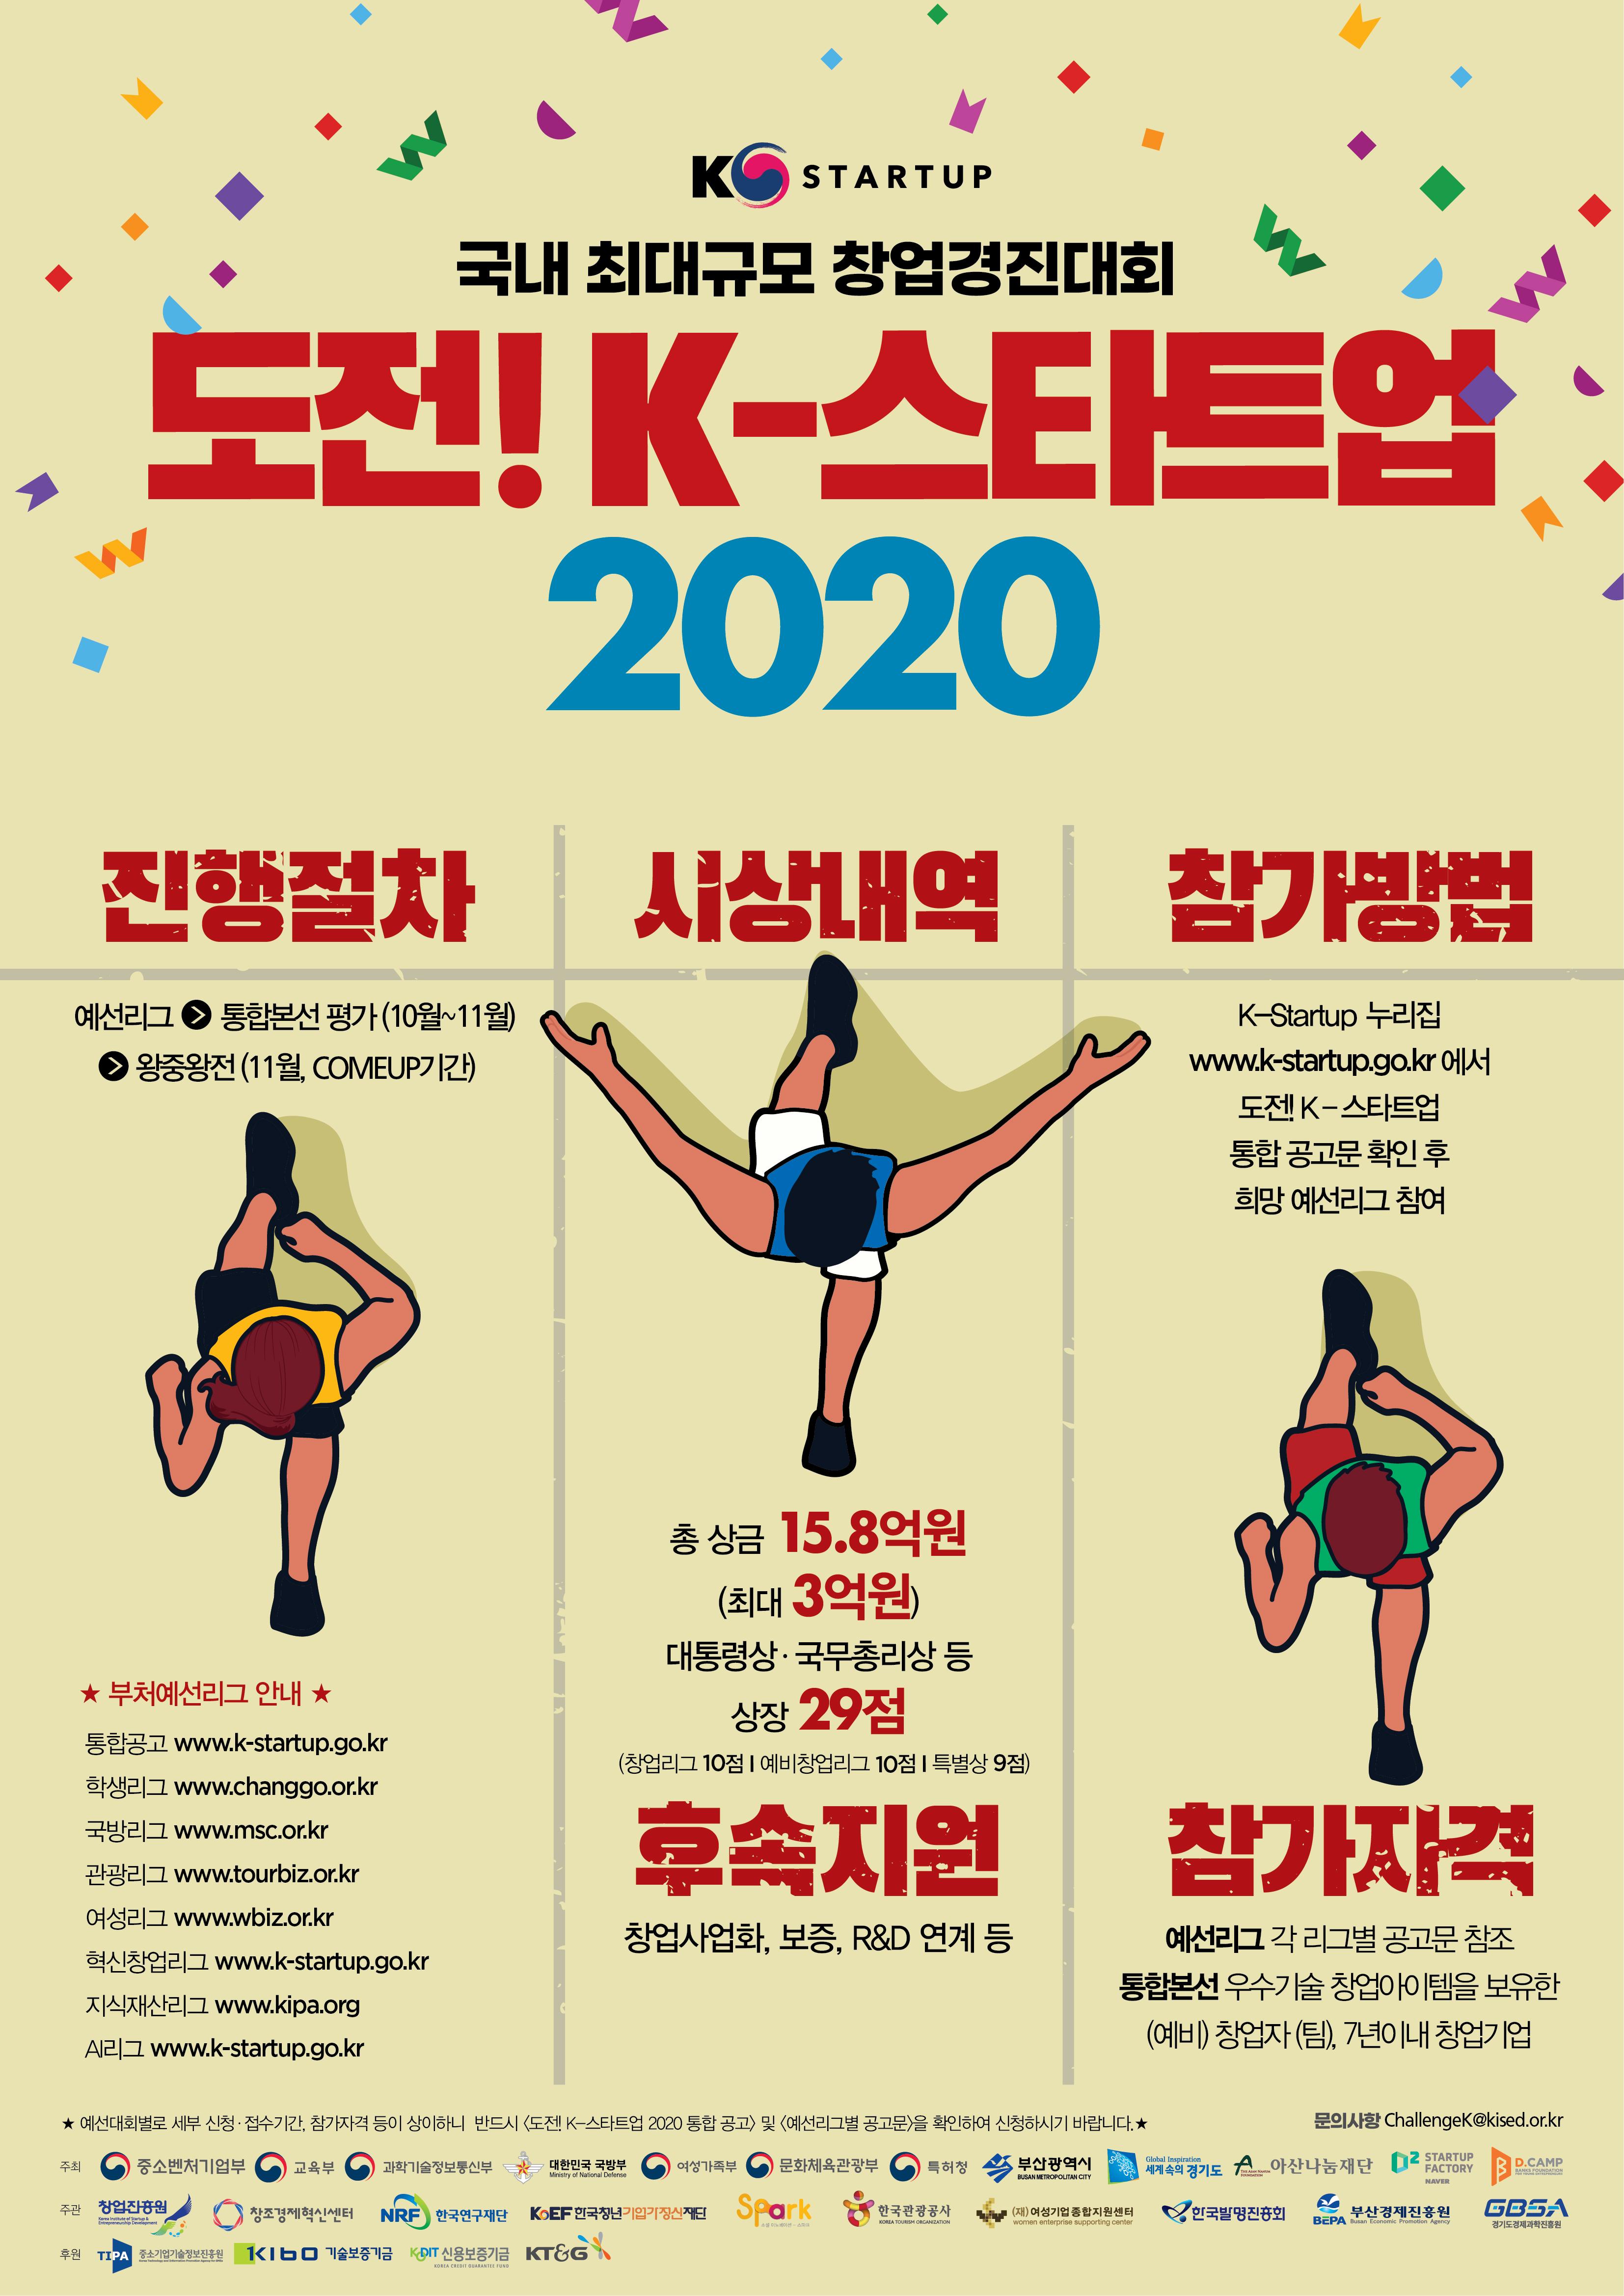 당신의 꿈에 도전하세요 !'도전! K-스타트업 2020'참가자